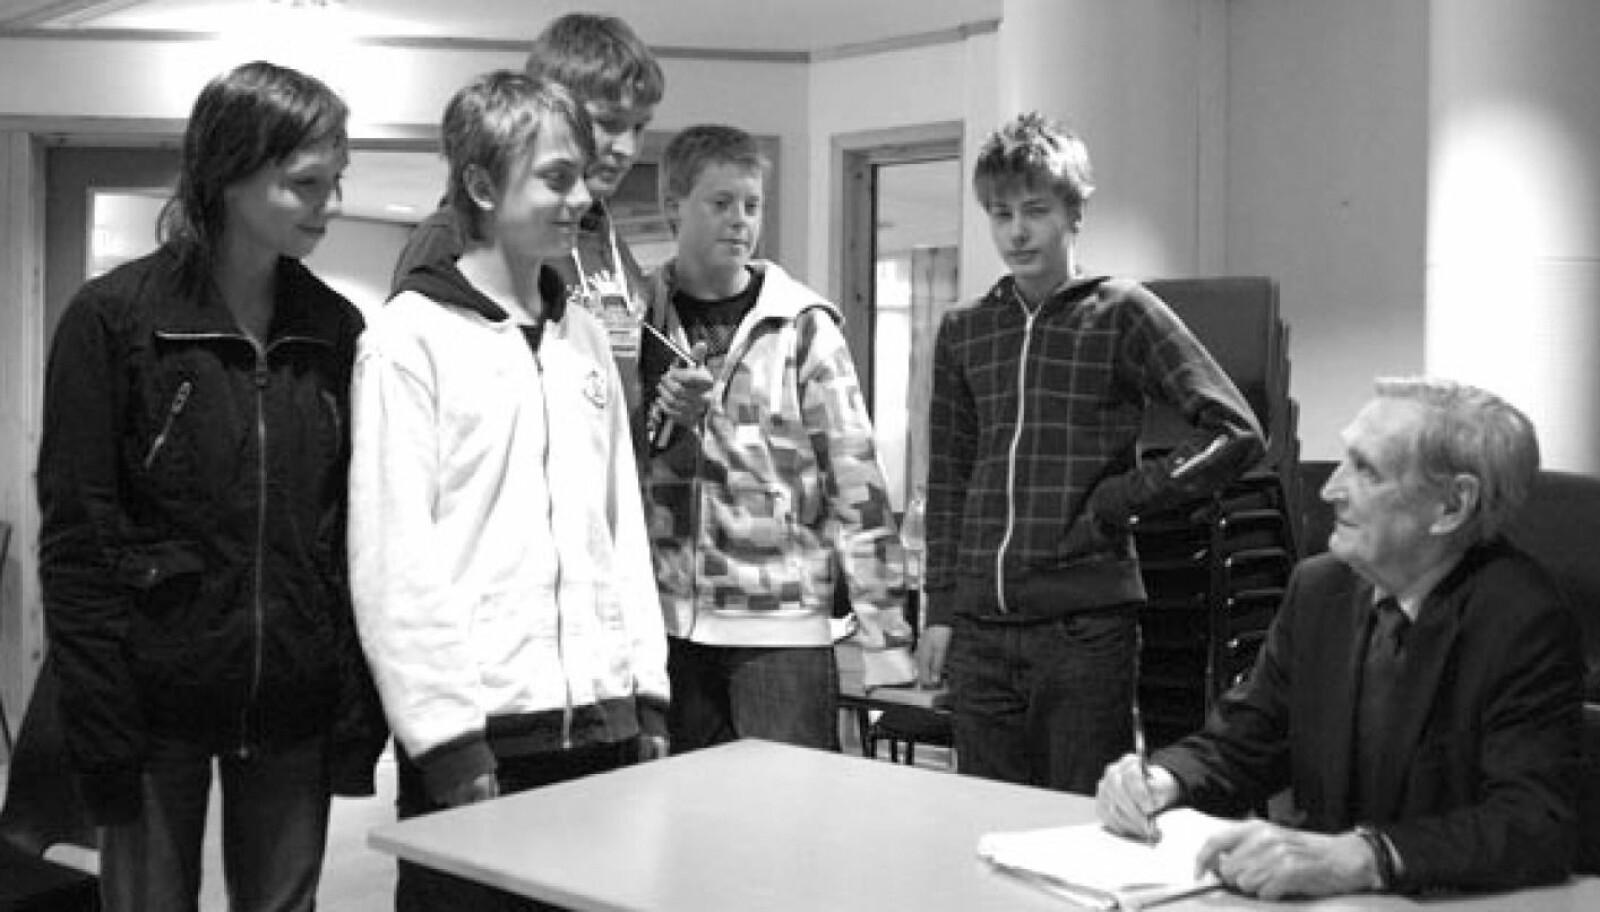 <b>KRIGSHELT: </b>Gunnar Sønsteby var demokratiets vokter og dedikerte mye tid til å reise rundt i Norge for å bevisstgjøre ungdommen på de grunnleggende verdiene vårt demokrati er tuftet på.